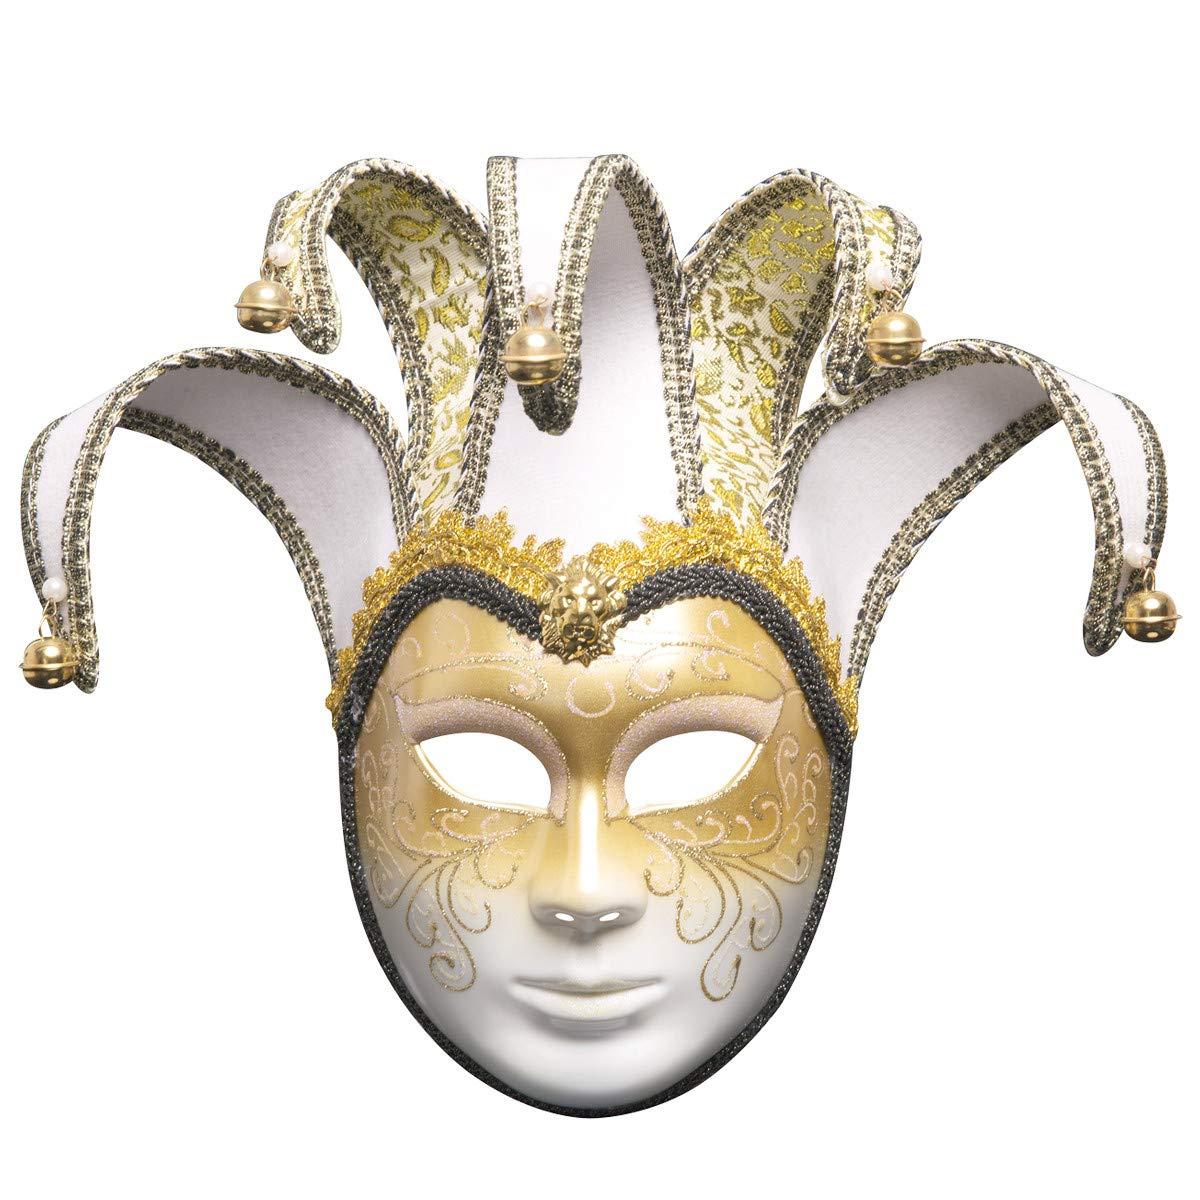 Sonmer Full Face Venetian Joker Masquerade Theater Mask, Mardi Gras Party Ball Mask (White)